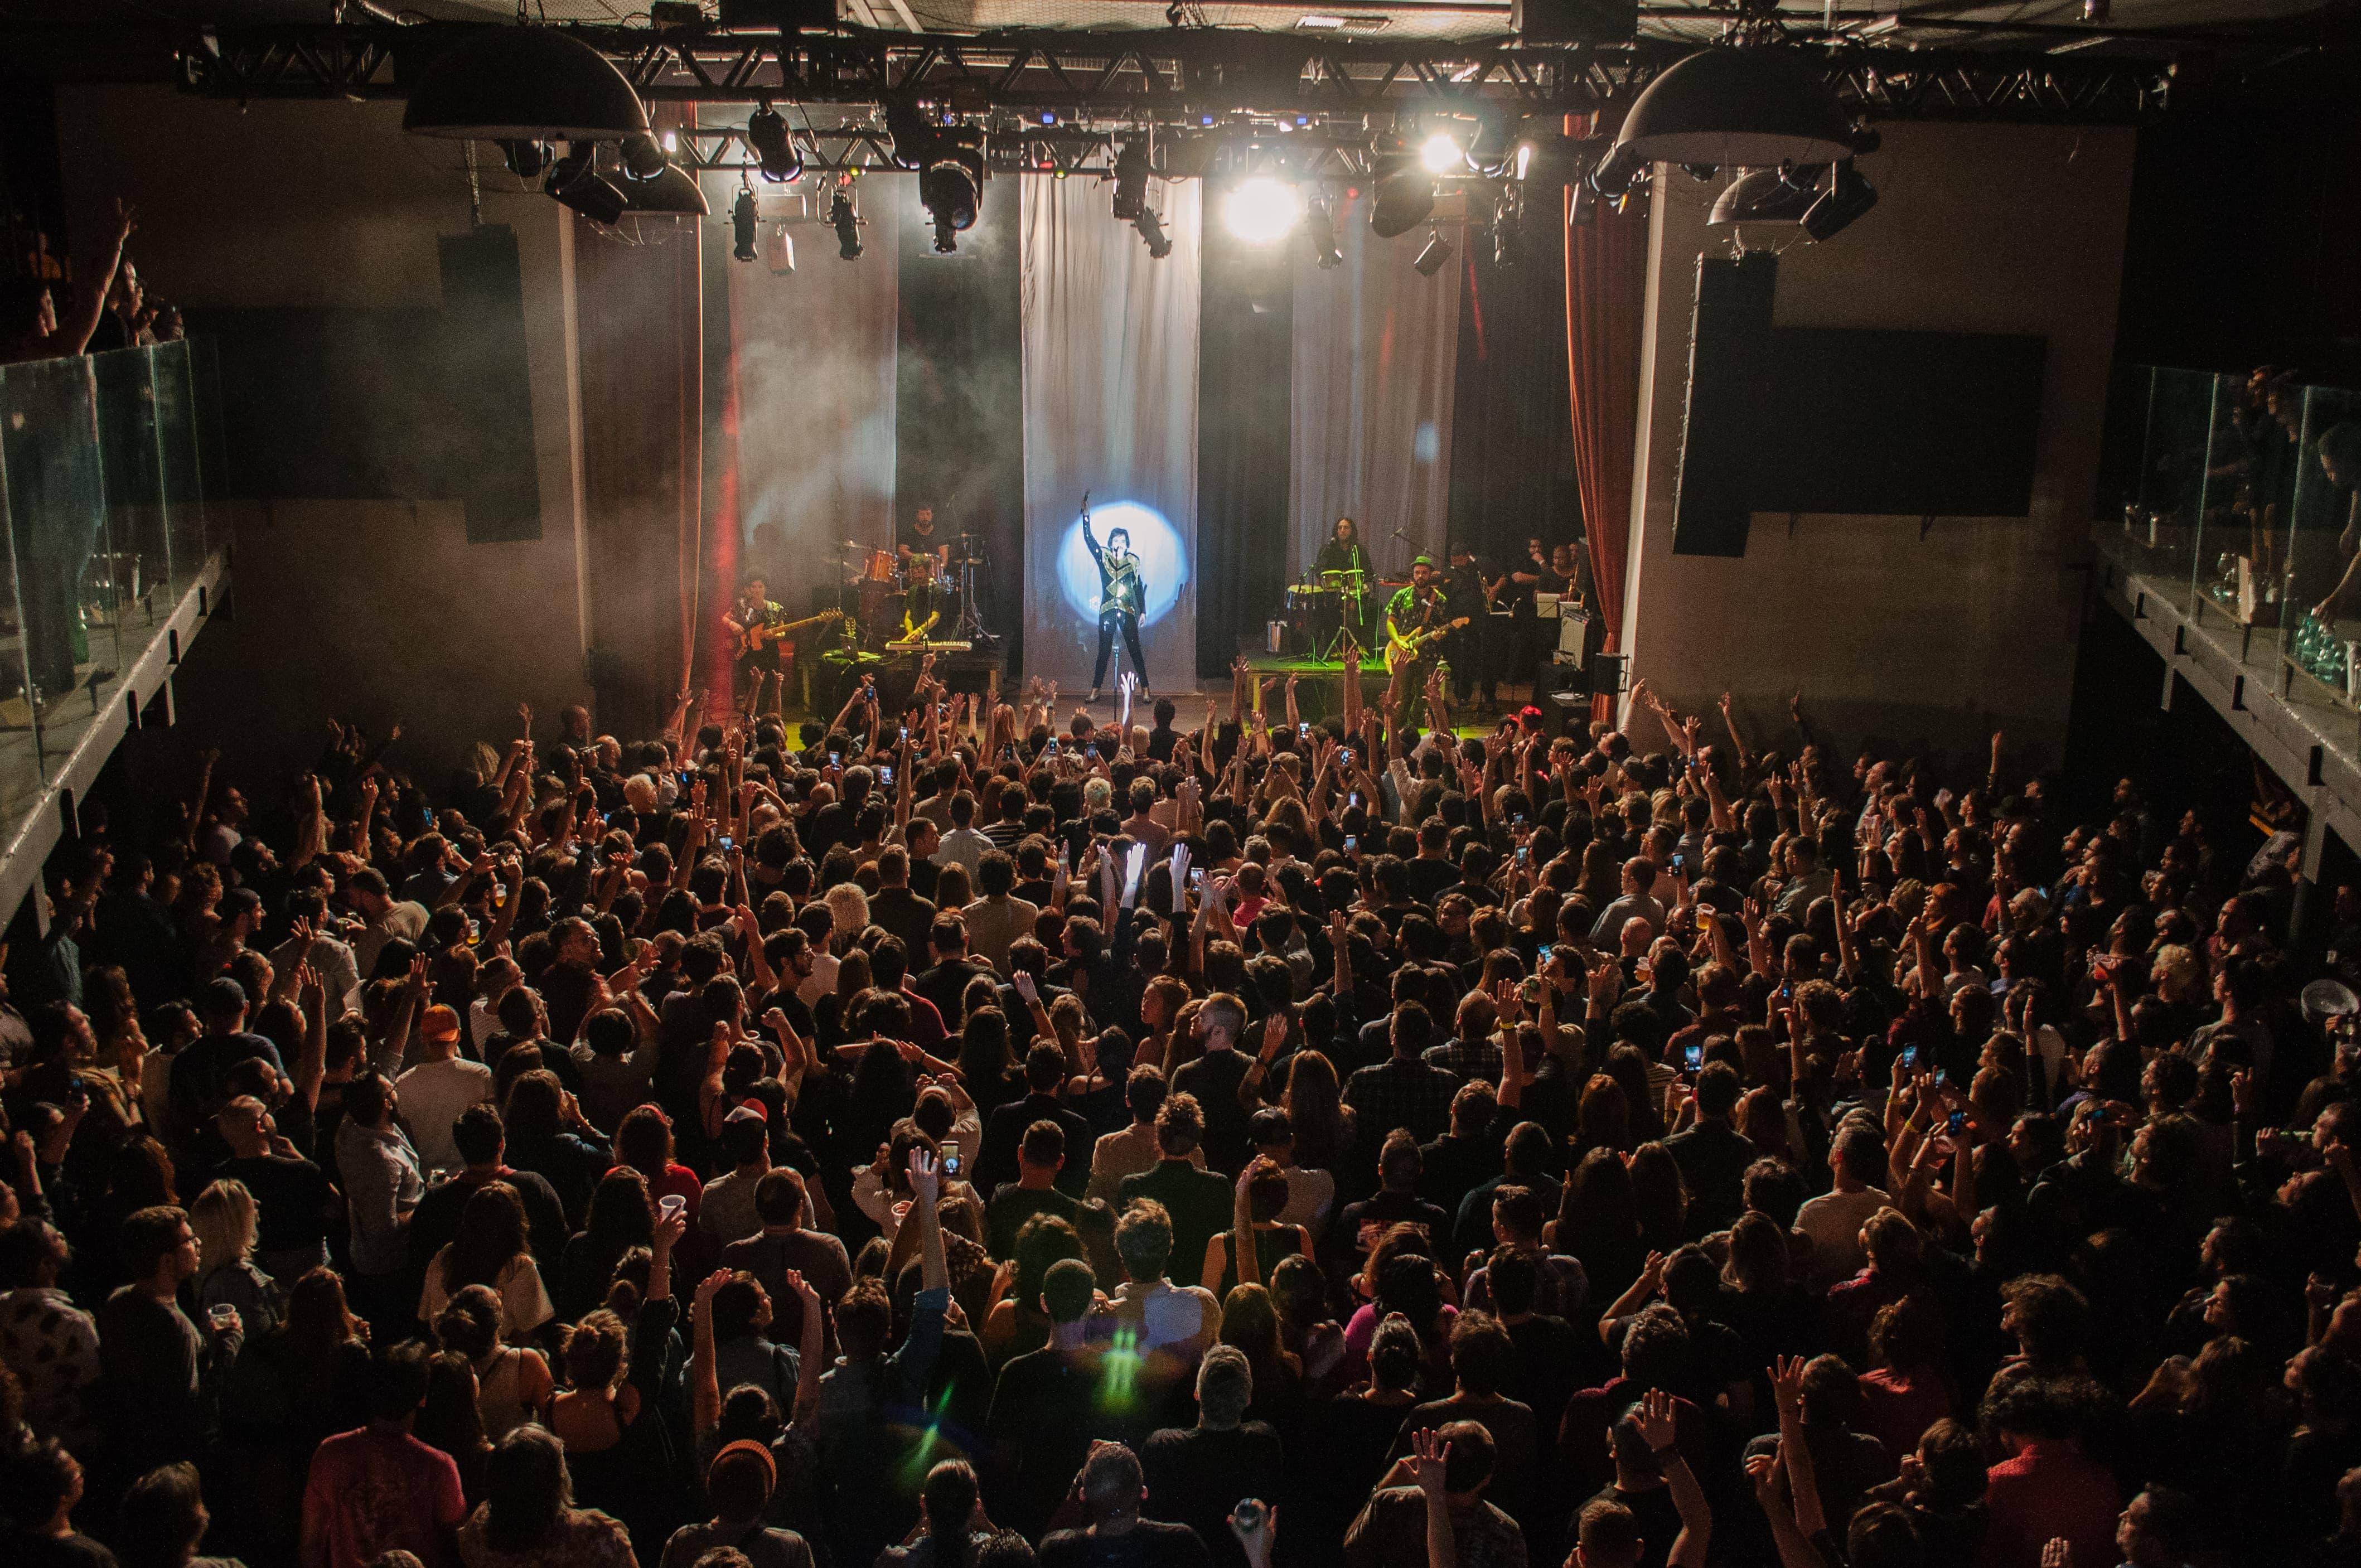 Bon Vivant: opções confortáveis para quem busca uma noitada com música ao vivo